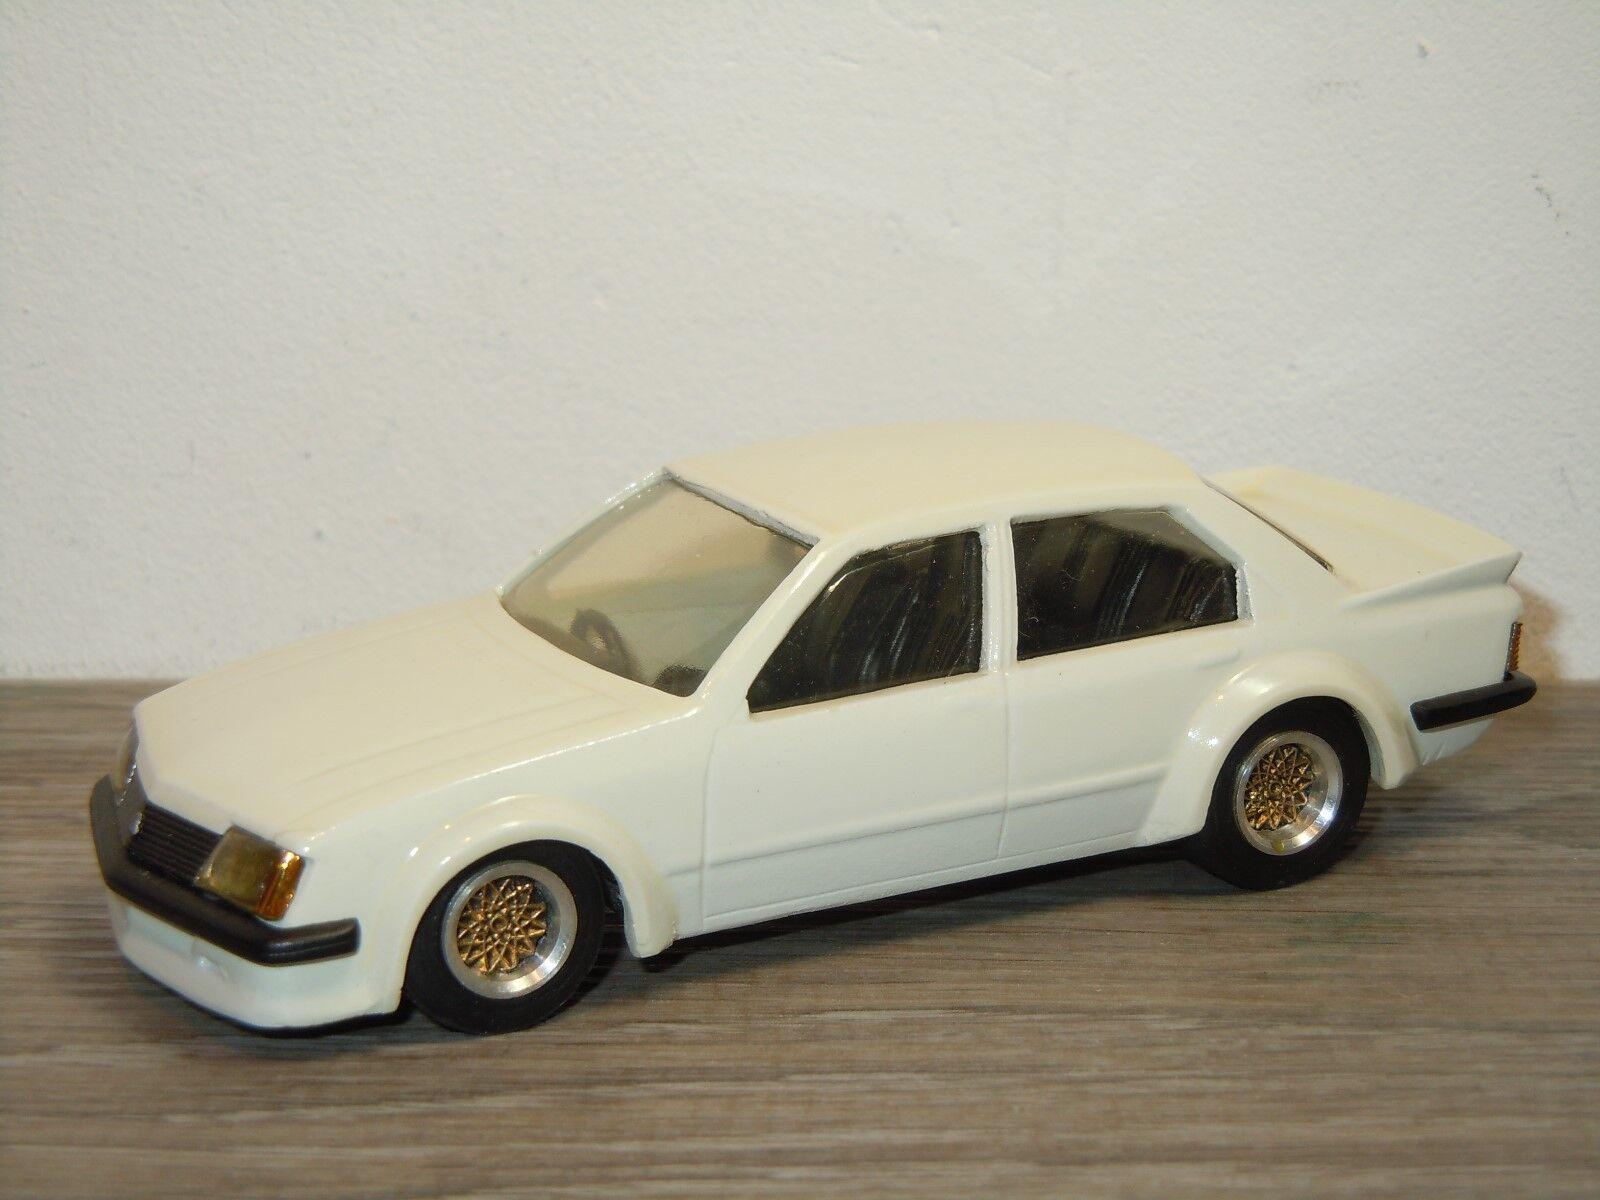 offrendo il 100% Holden Commodore VH VH VH SS - Dinkum classeics - Australian fatto - 1 43 35436  basso prezzo del 40%